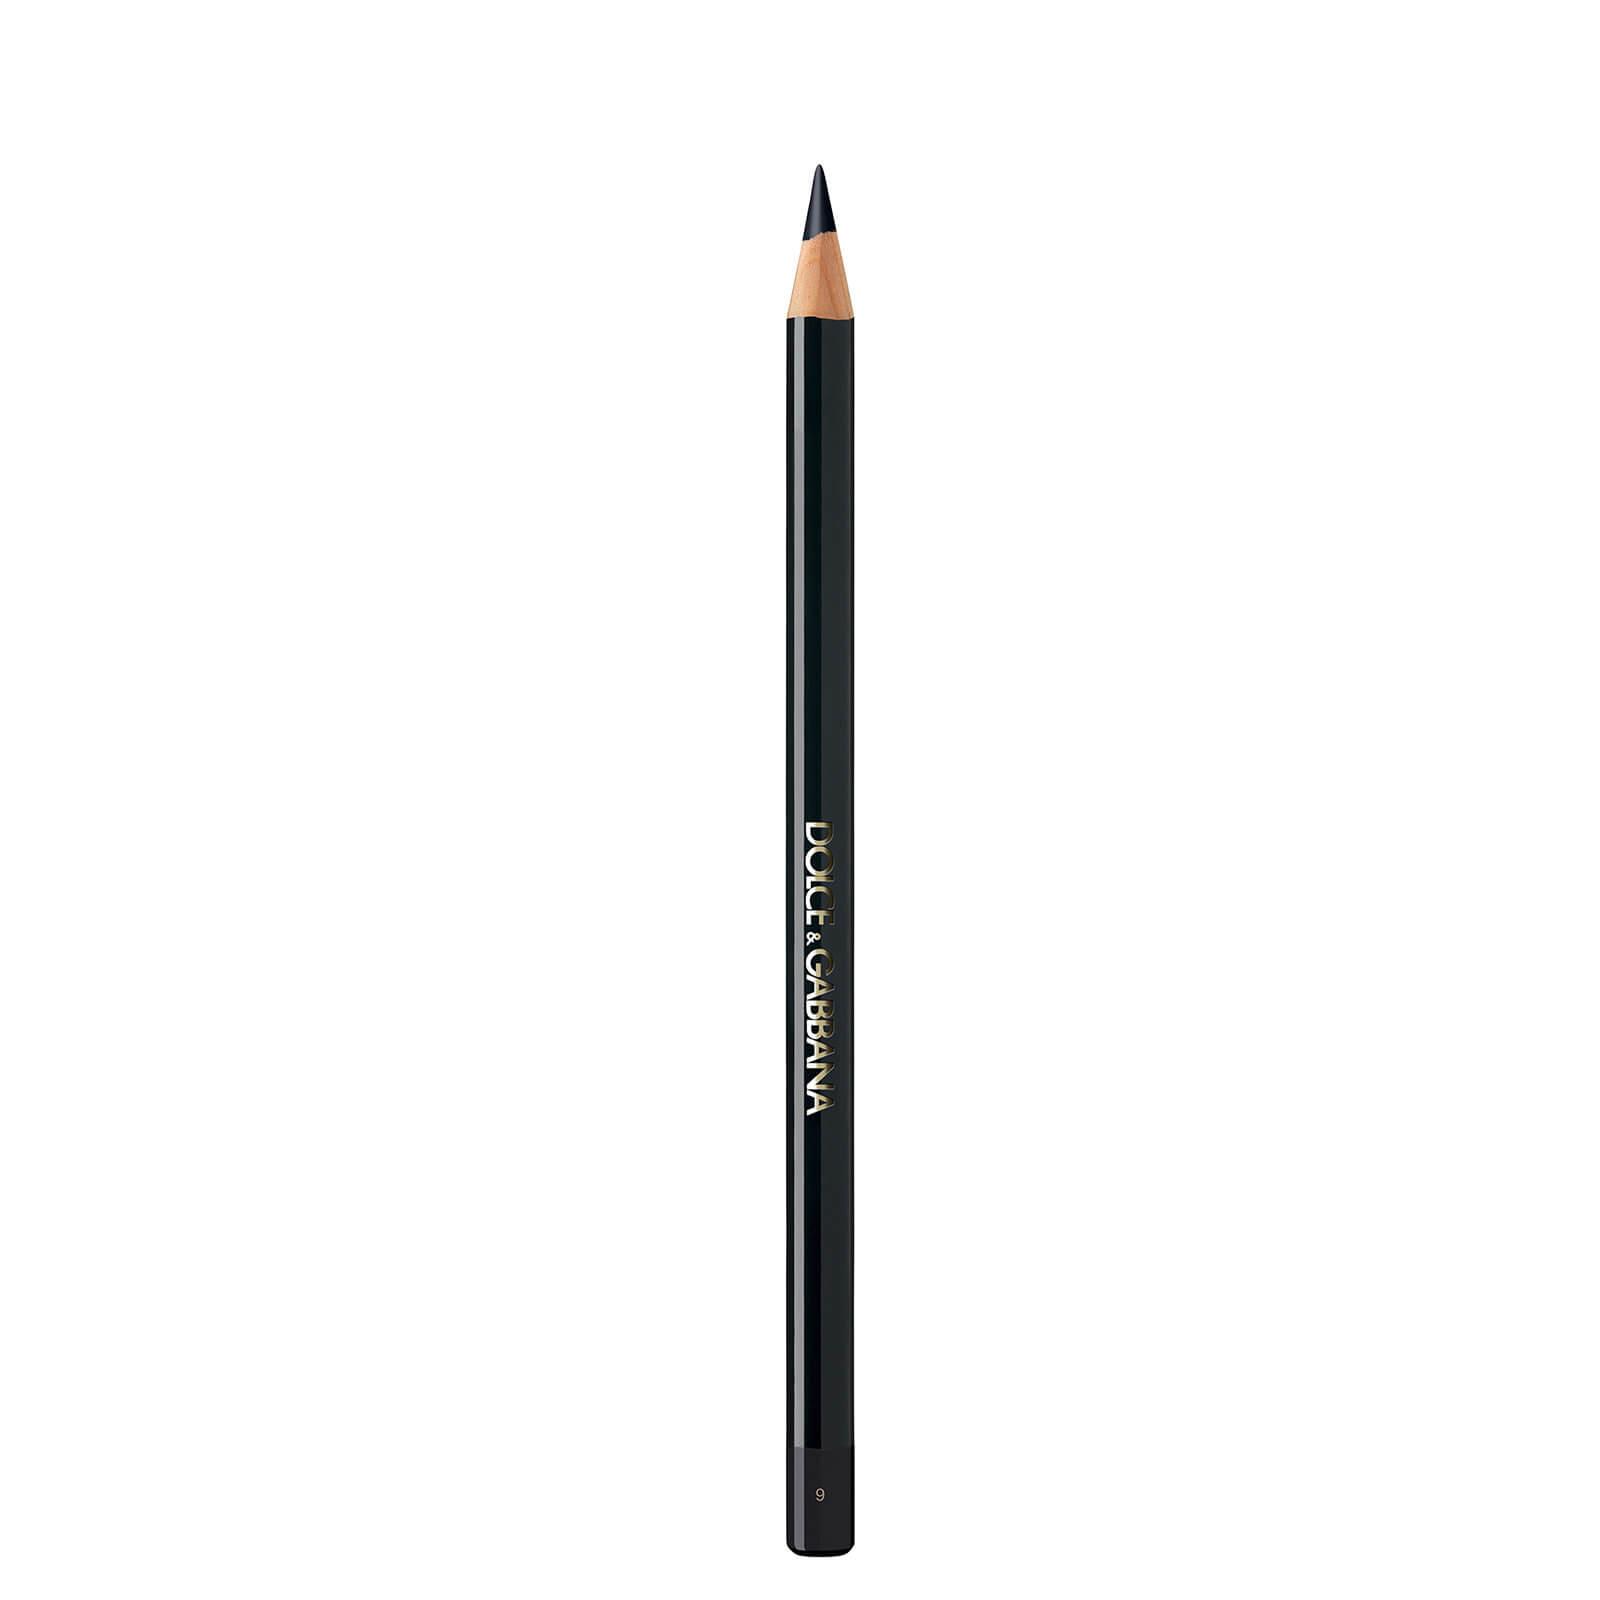 Dolce&Gabbana Intense Kohl Eye Crayon 2.04g (Various Shades) - 6 Graphite